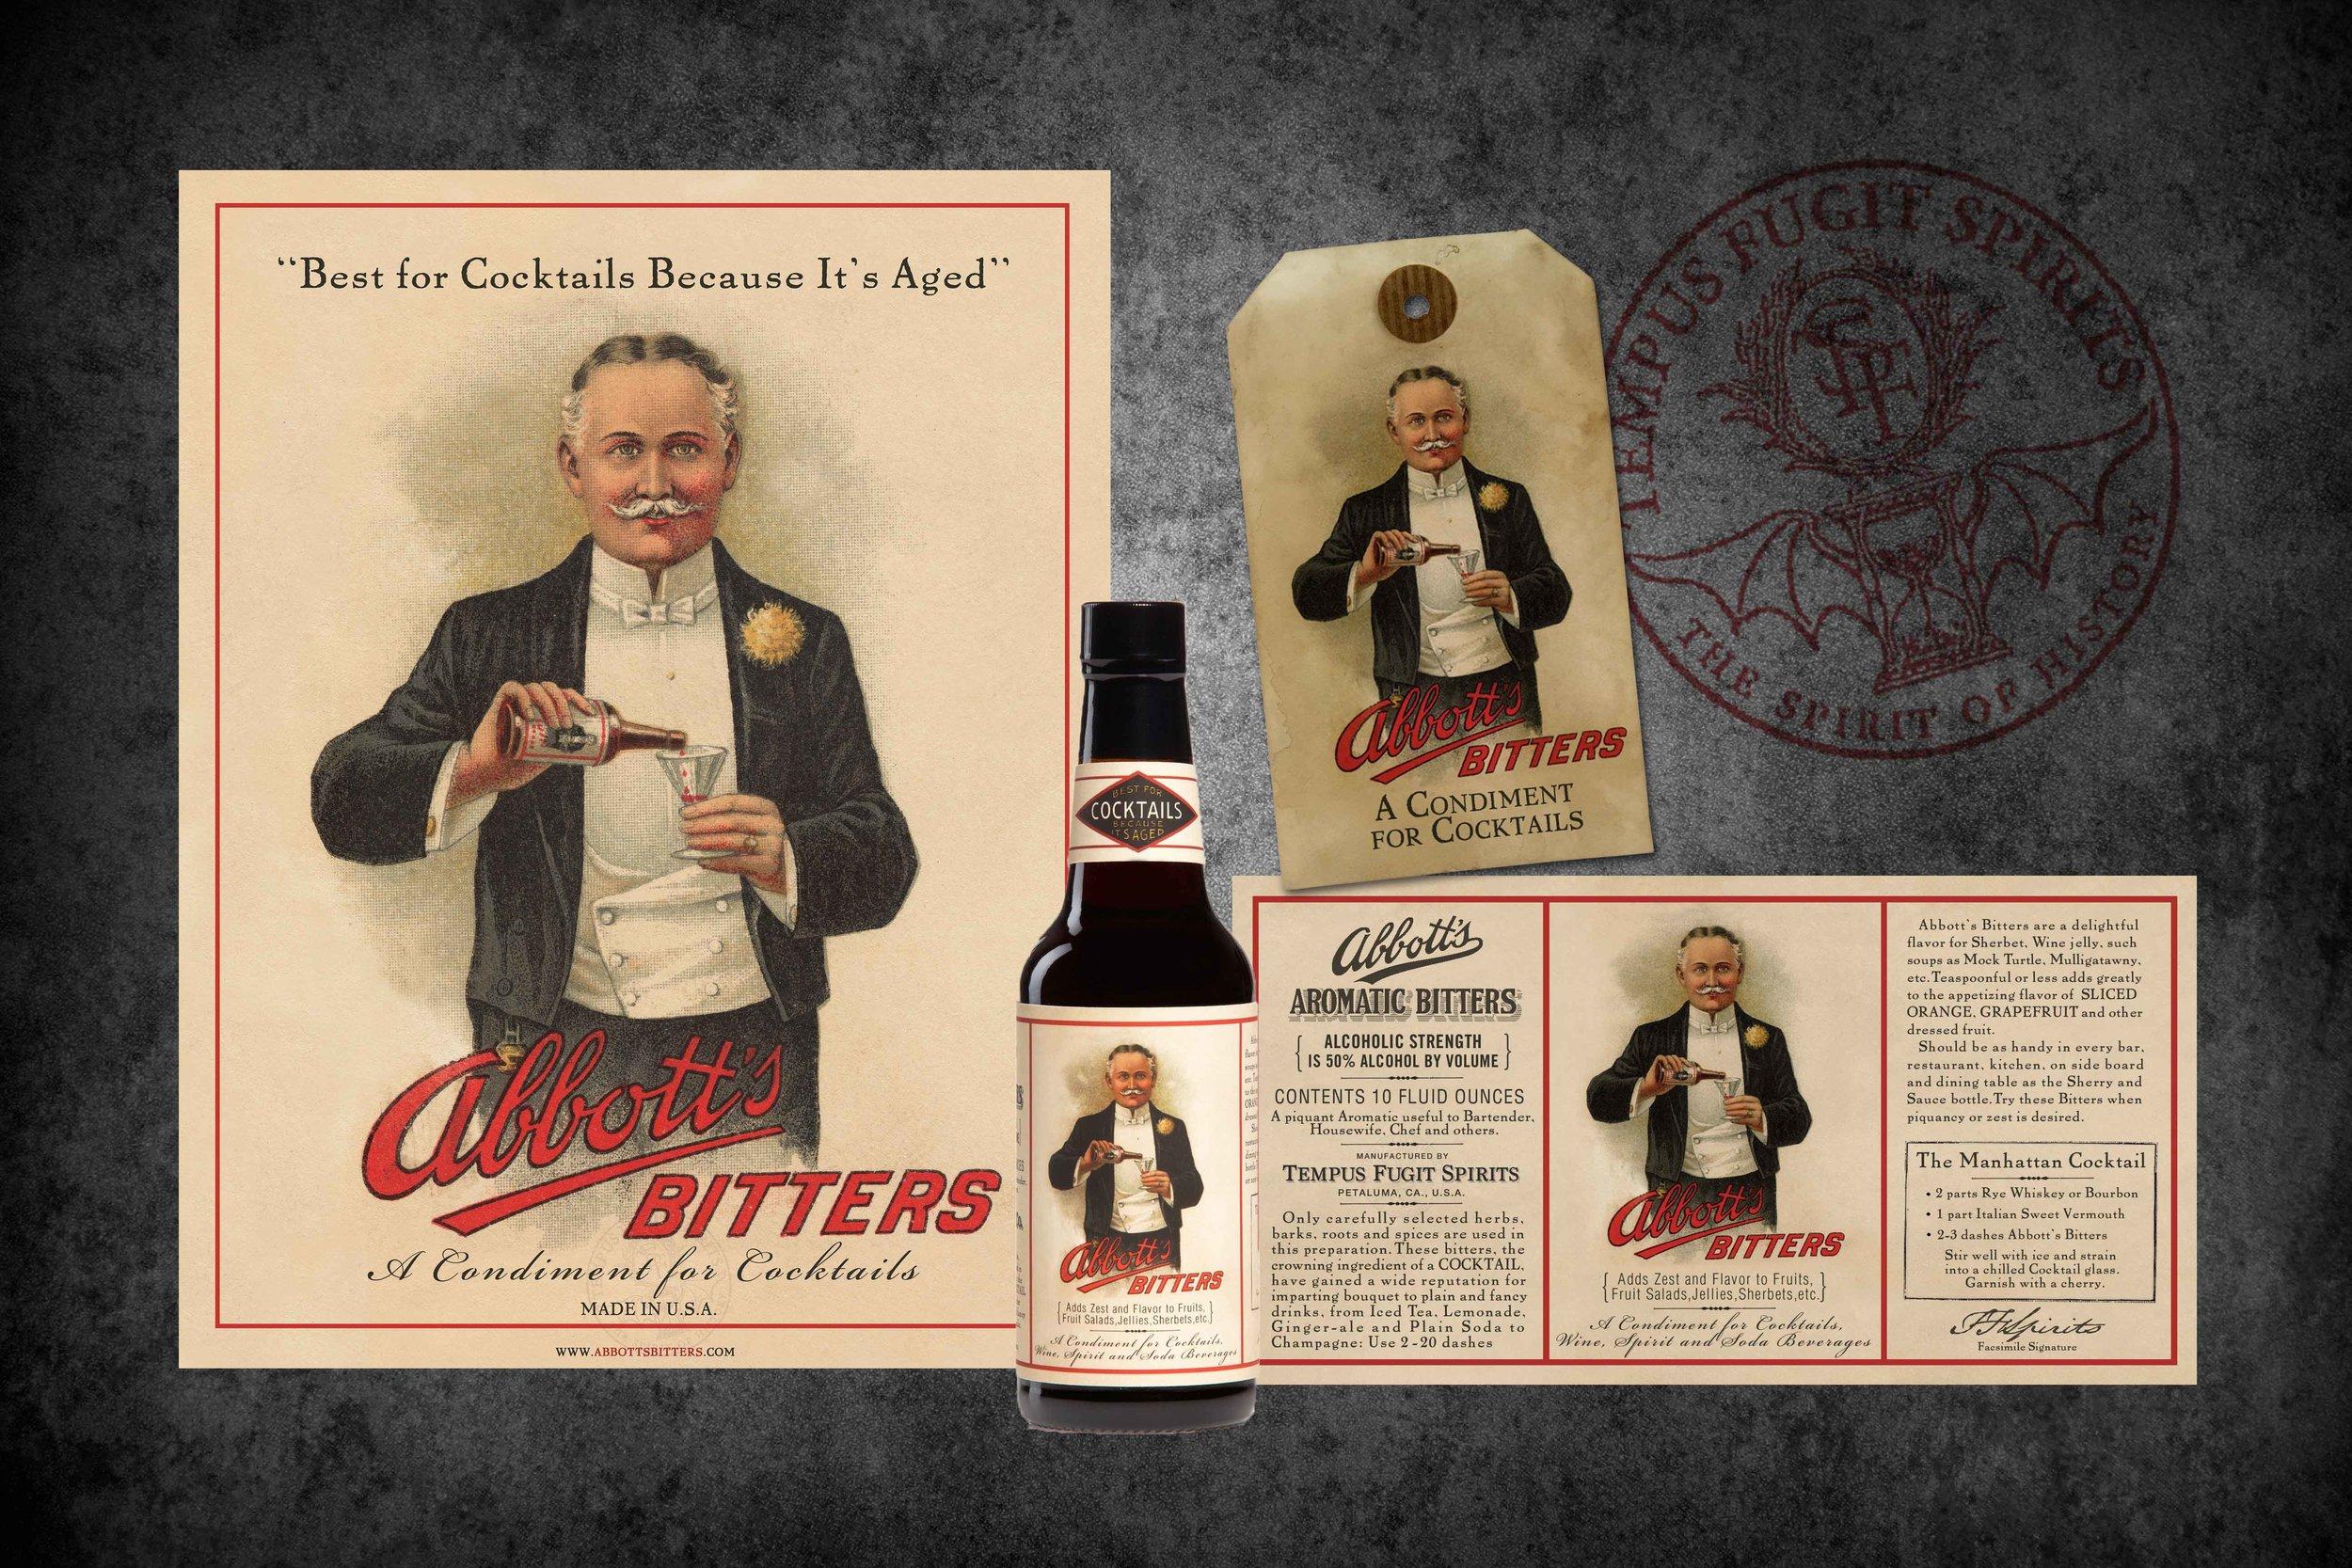 Abbott's Bitters Packaging for Tempus Fugit Spirits done by Maverick Design